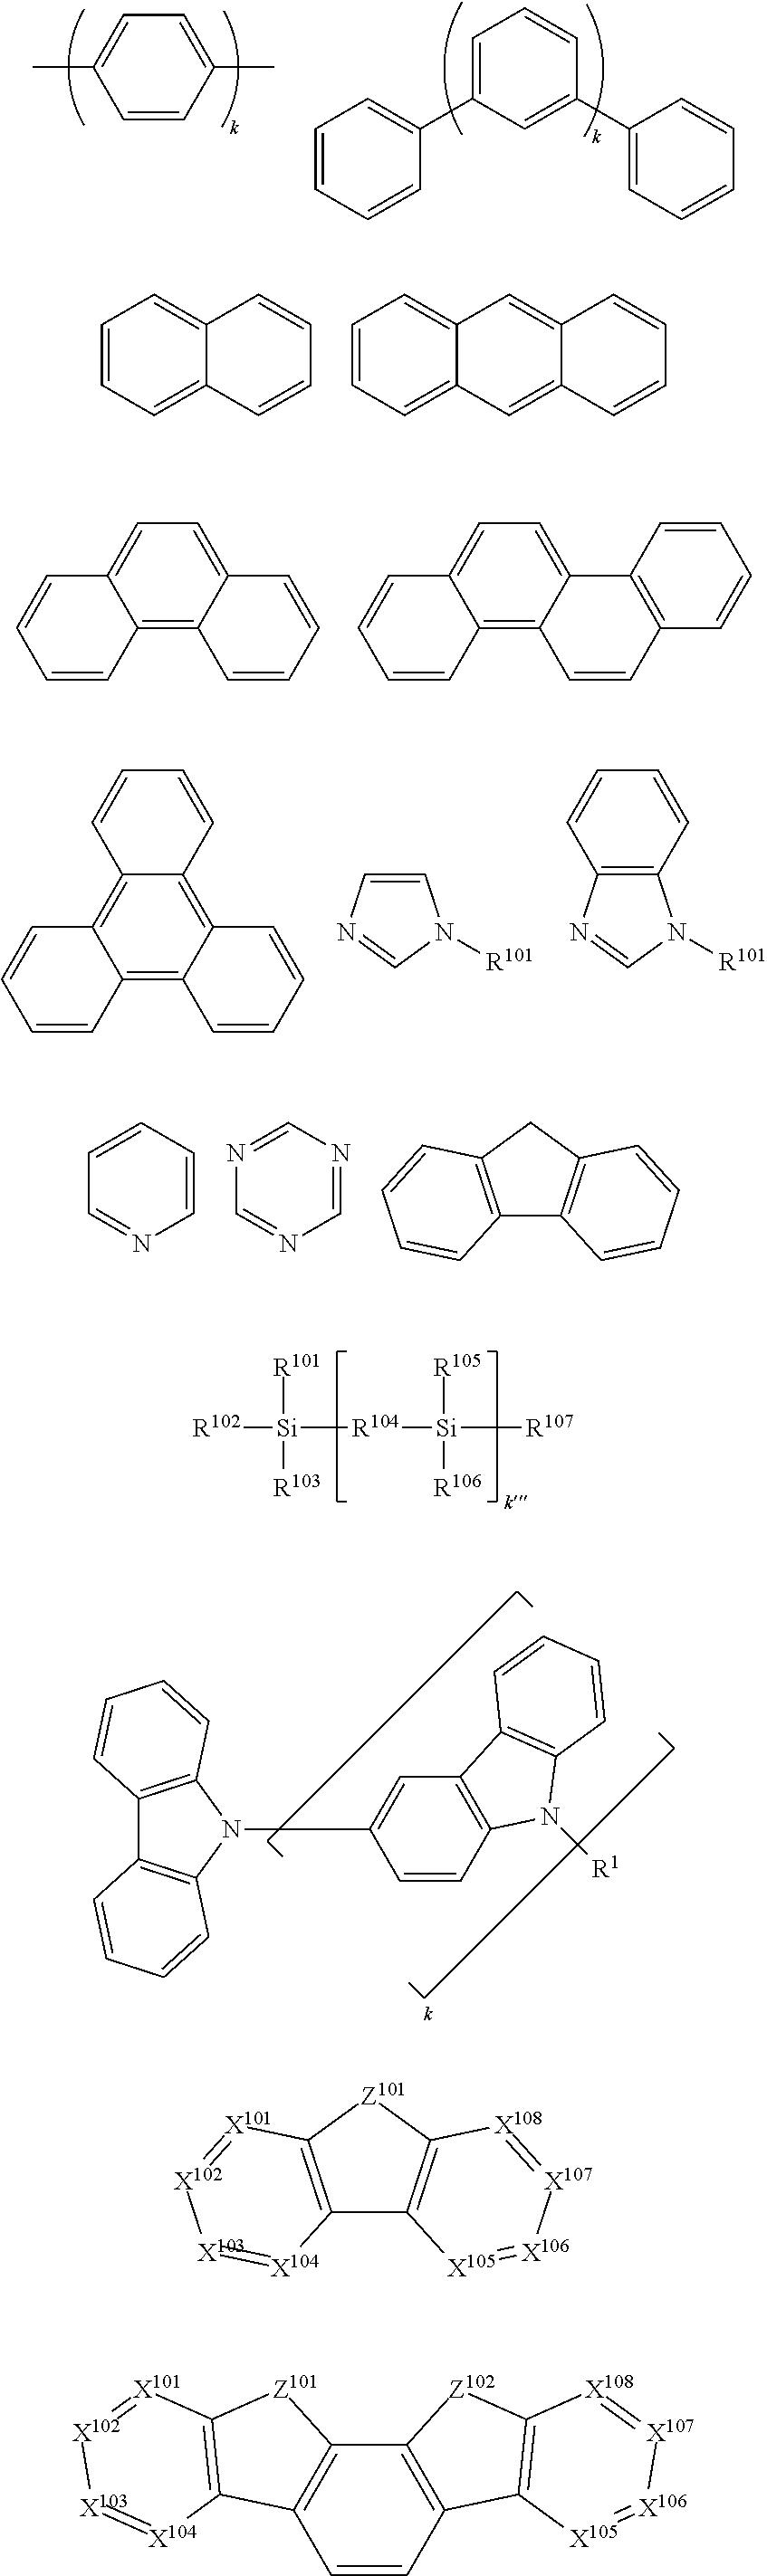 Figure US09634264-20170425-C00100